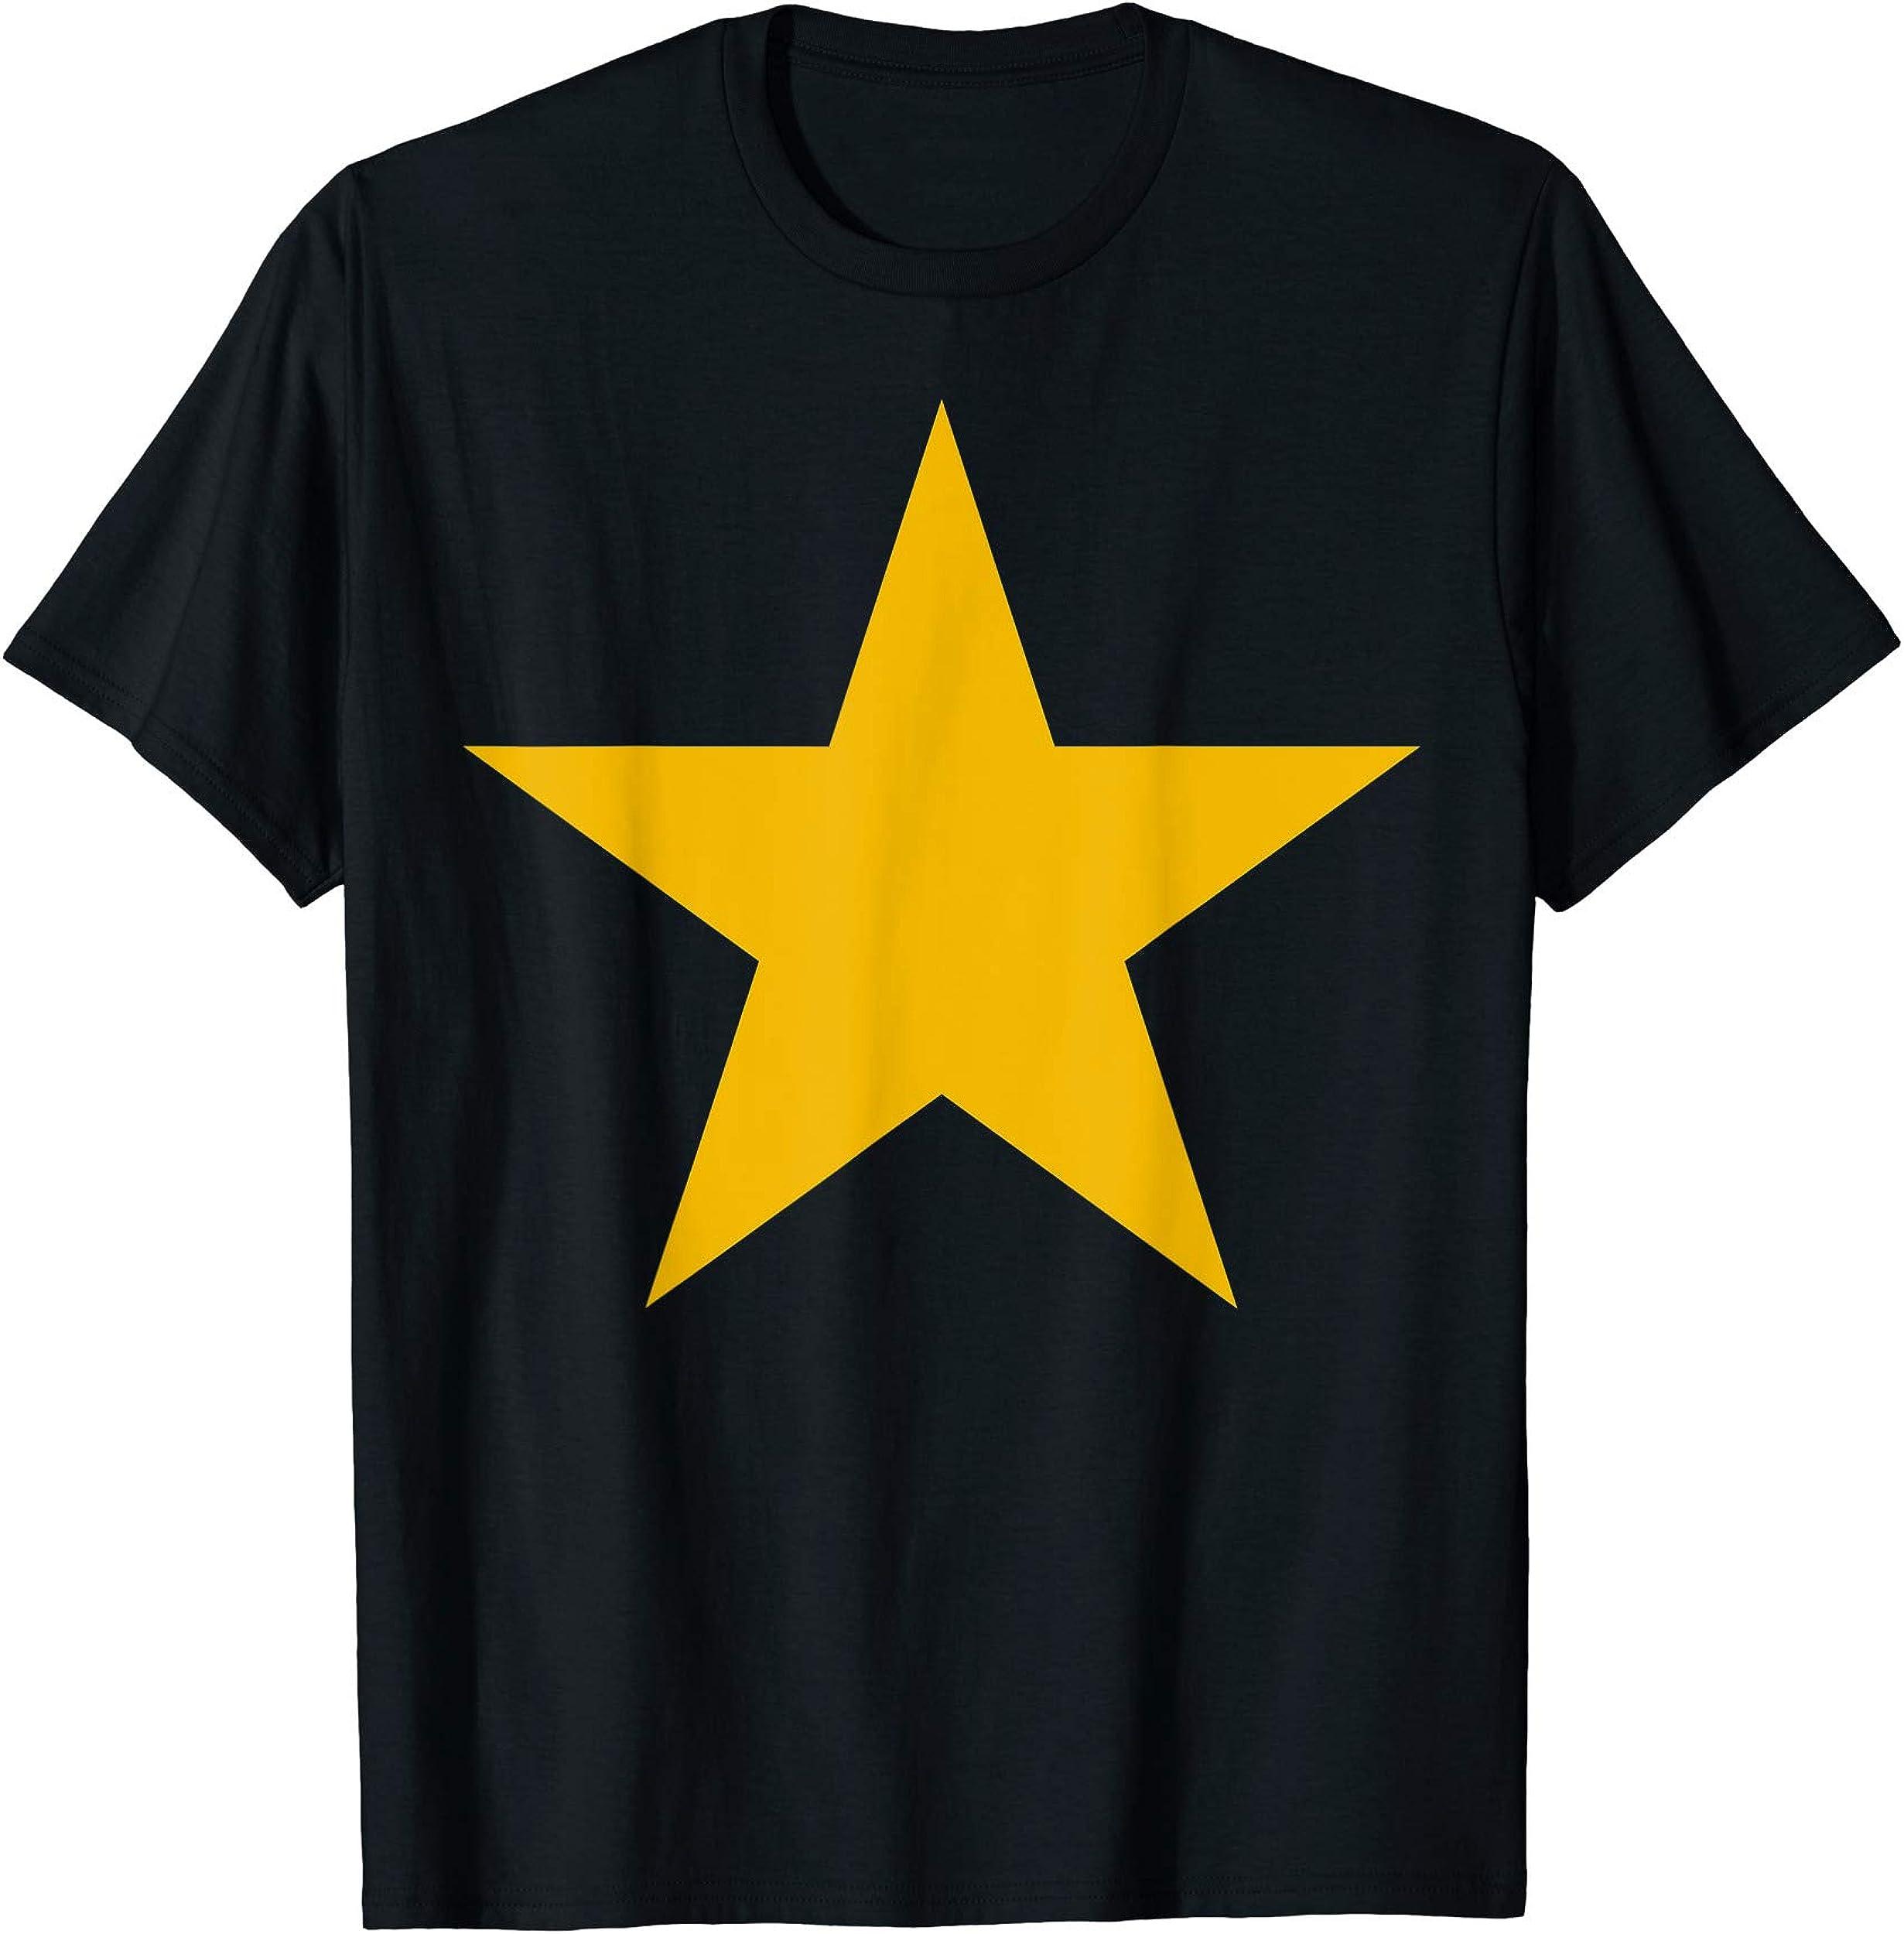 Mustard Yellow Star T-Shirt - Mustard Yellow Star Shirt